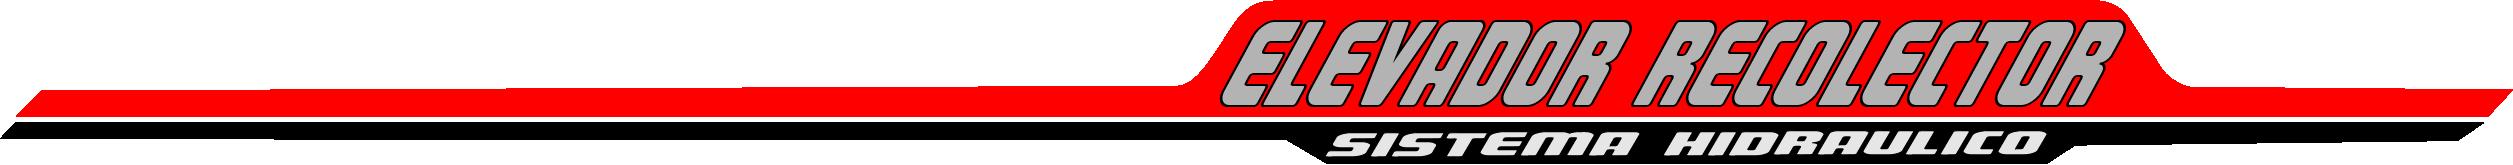 ELEVADOR MOVIL portada pagina español